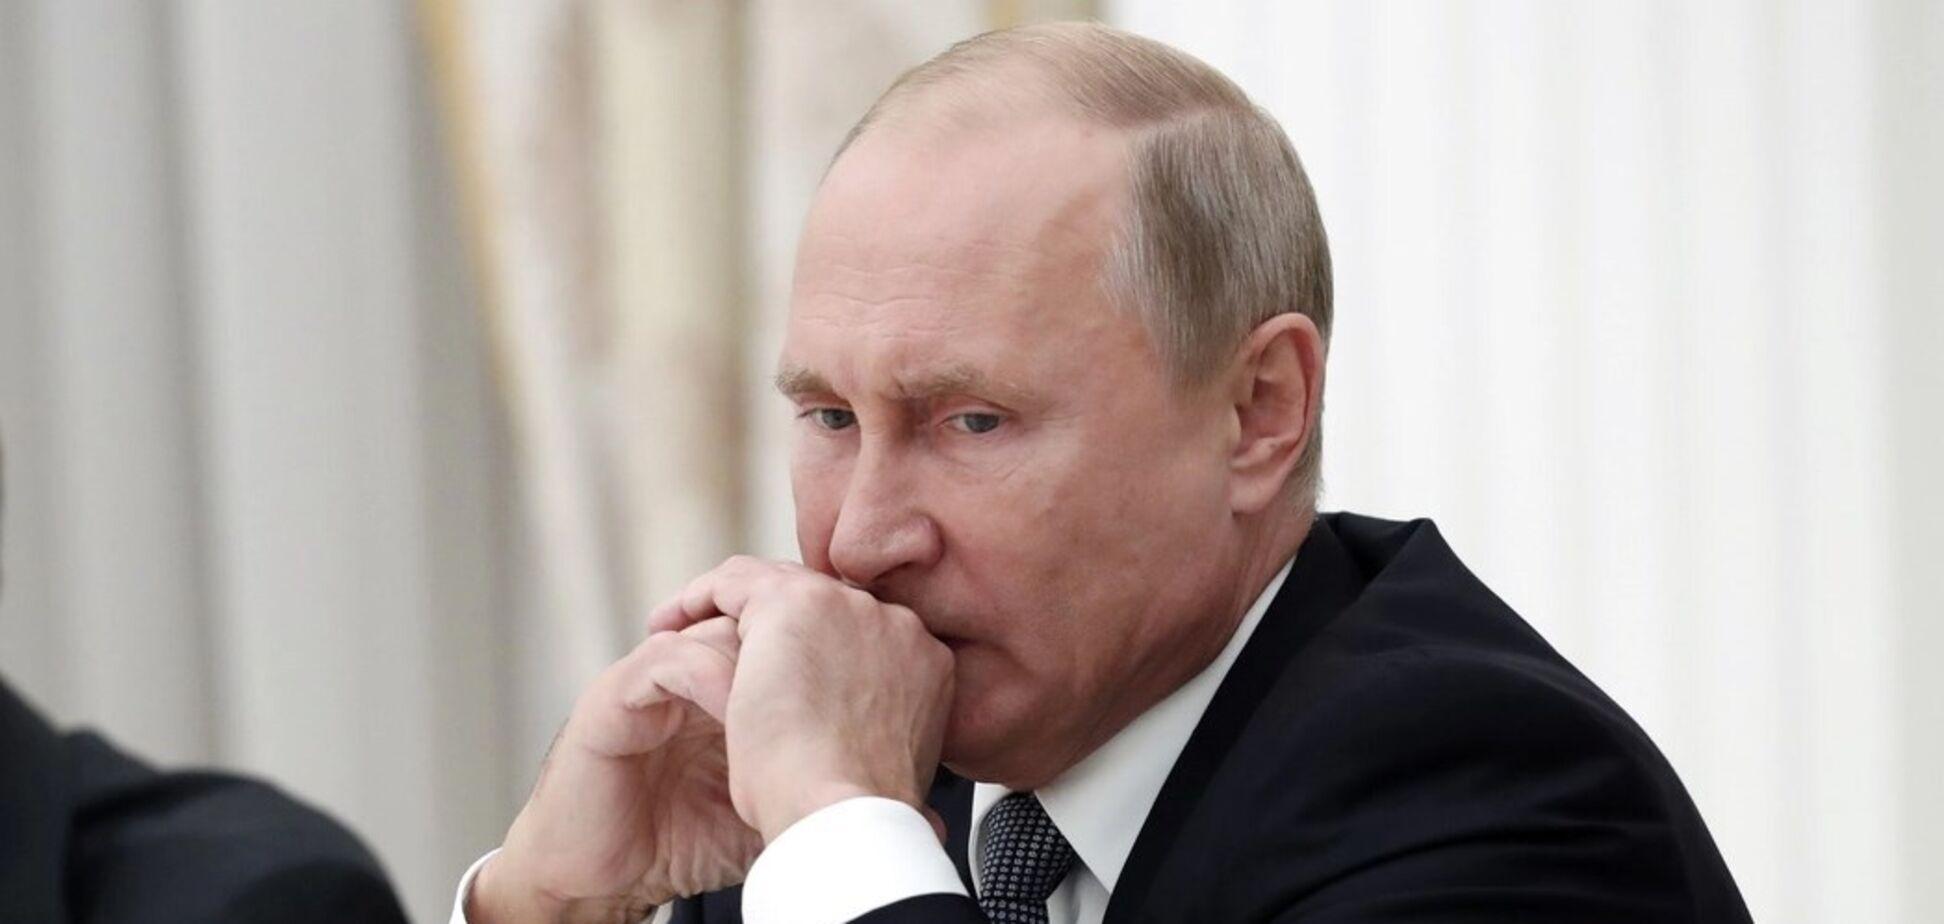 Ботокс, каблуки и 'новичок' Путину уже не помогут